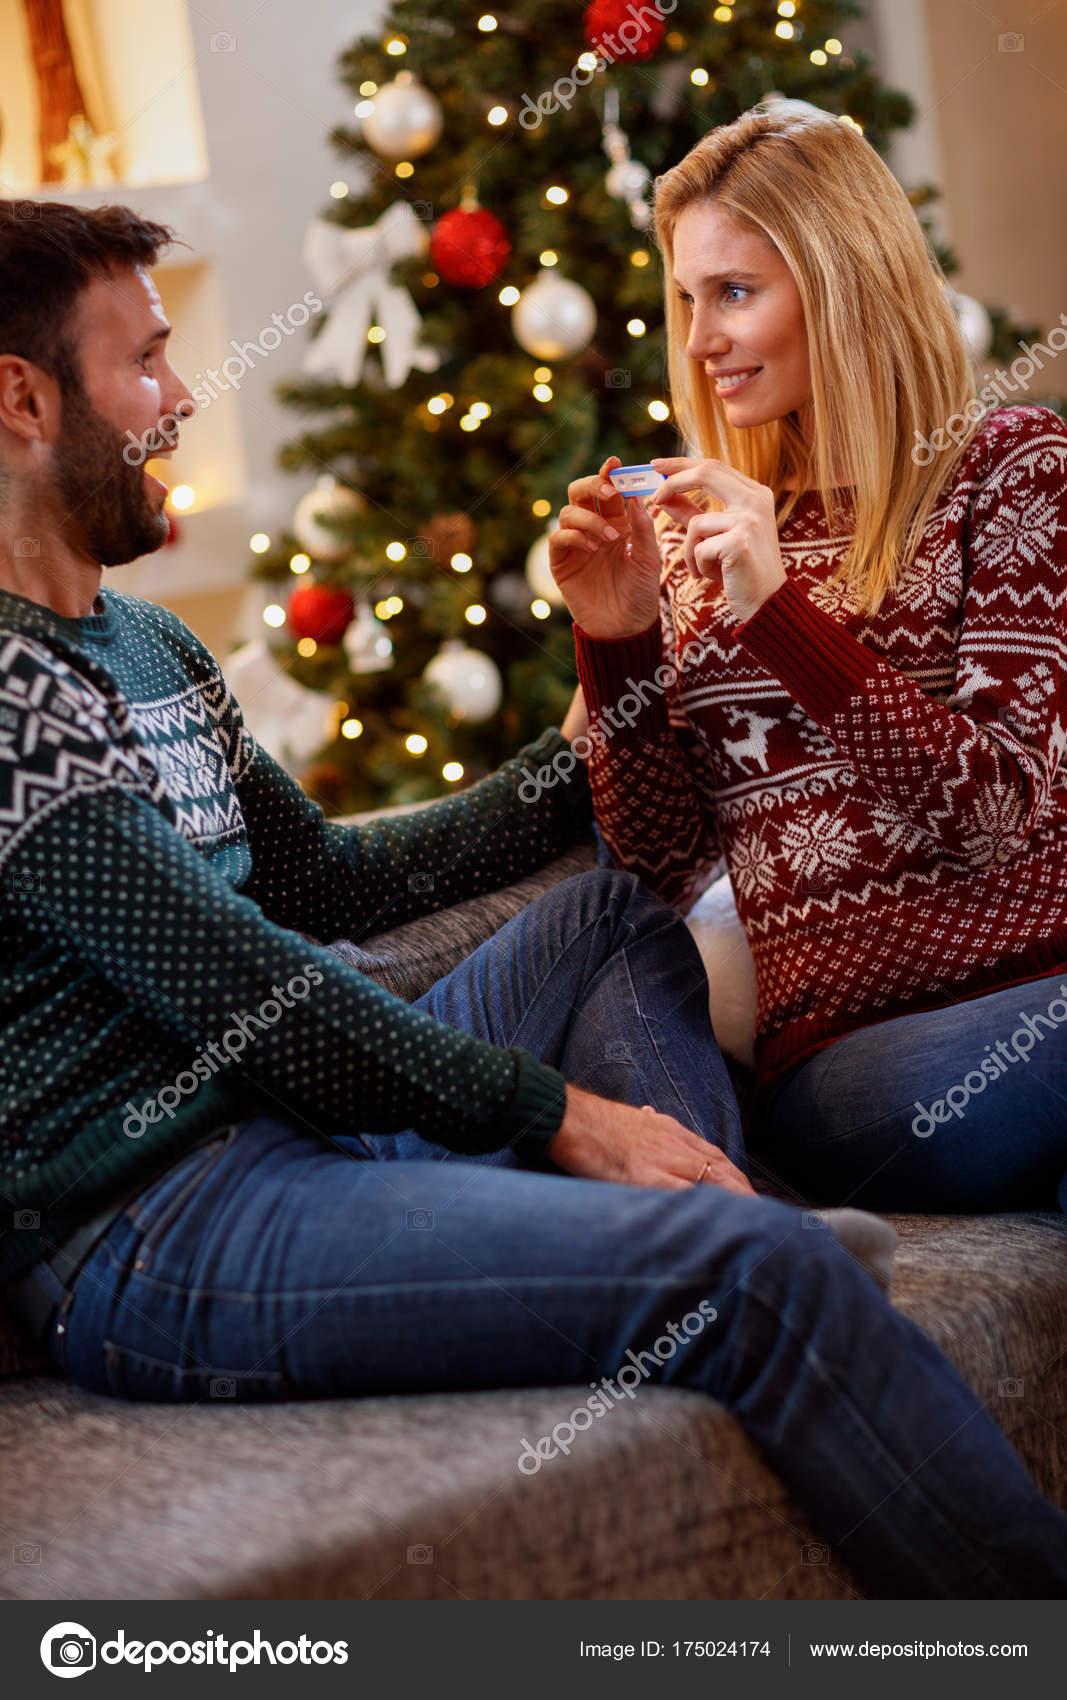 Weihnachtsessen Zu Zweit.Weihnachten Feiertage Und Menschen Konzept Zu Zweit Mit